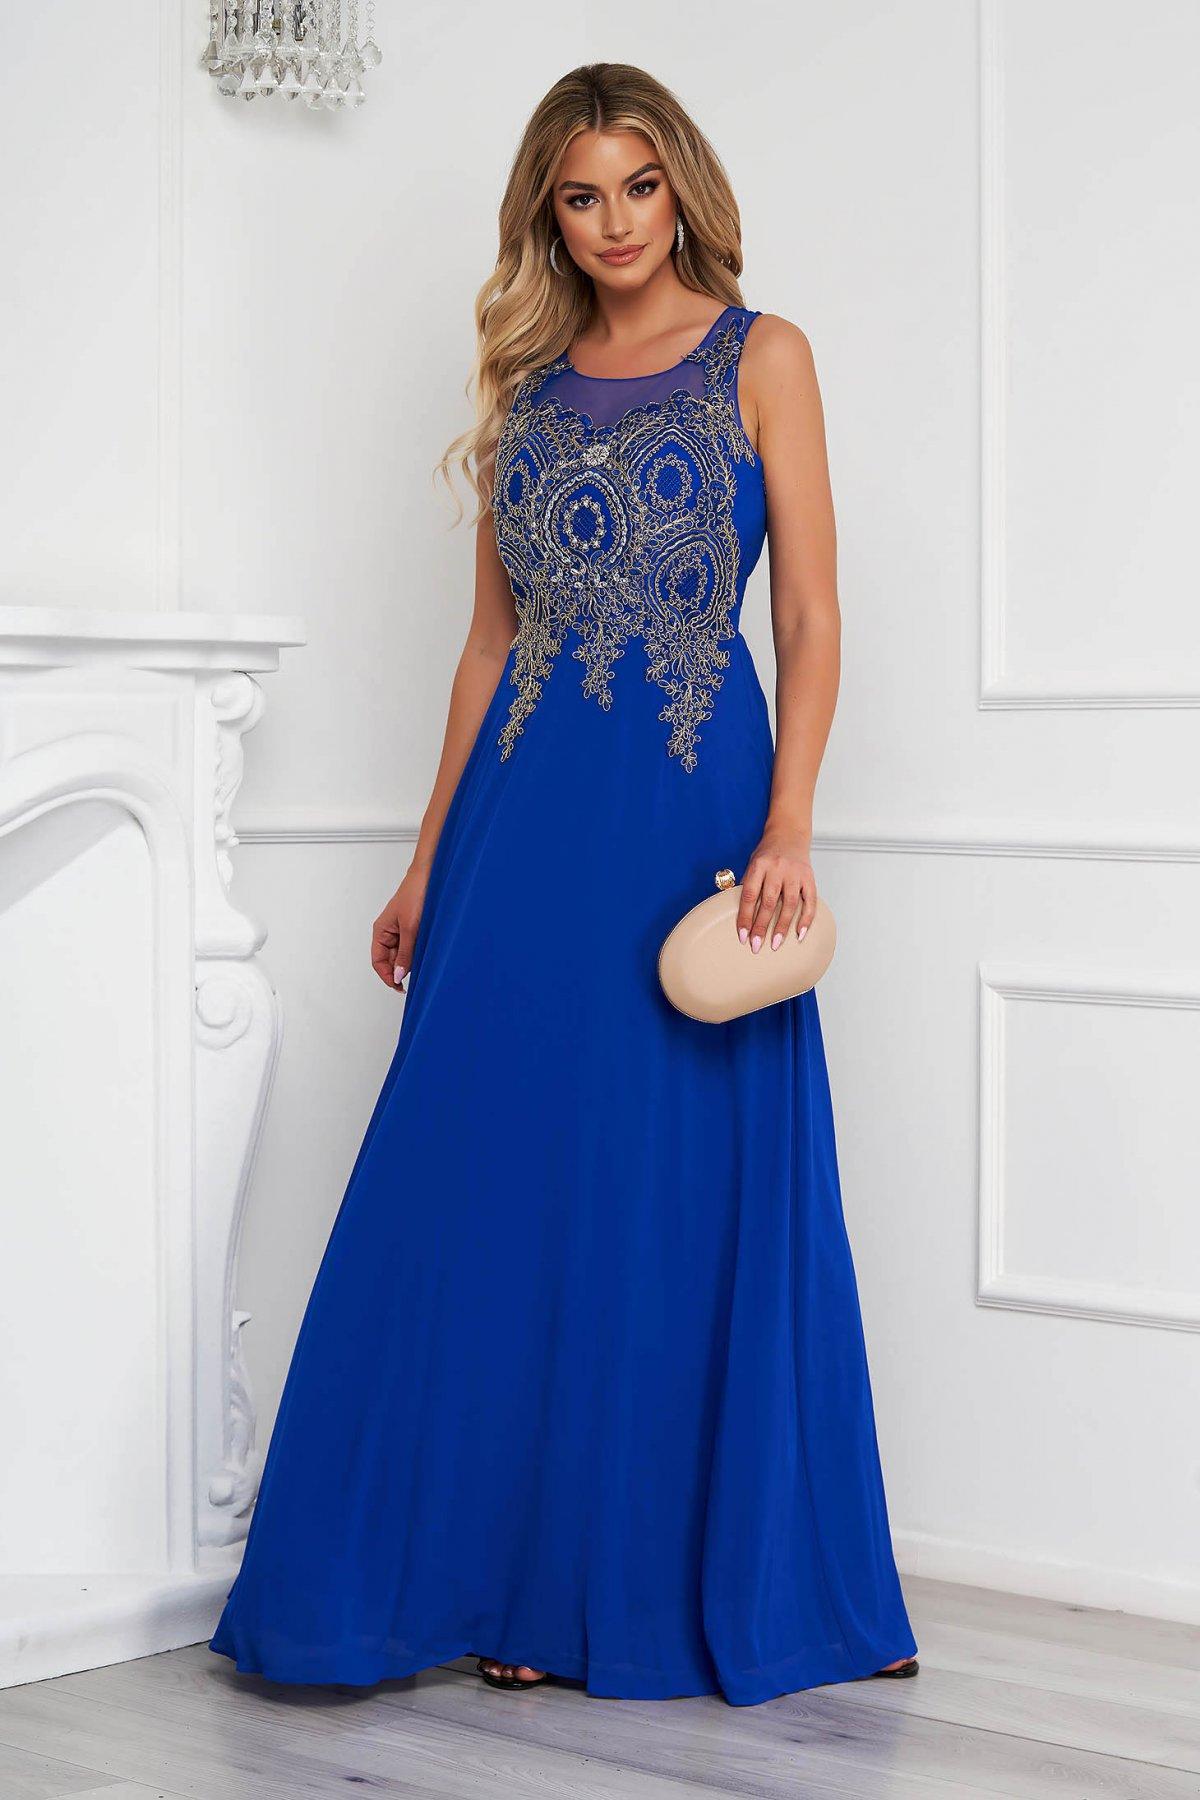 Rochie albastra lunga de ocazie in clos din tul cu broderie in fata si aplicatii cu pietre strass